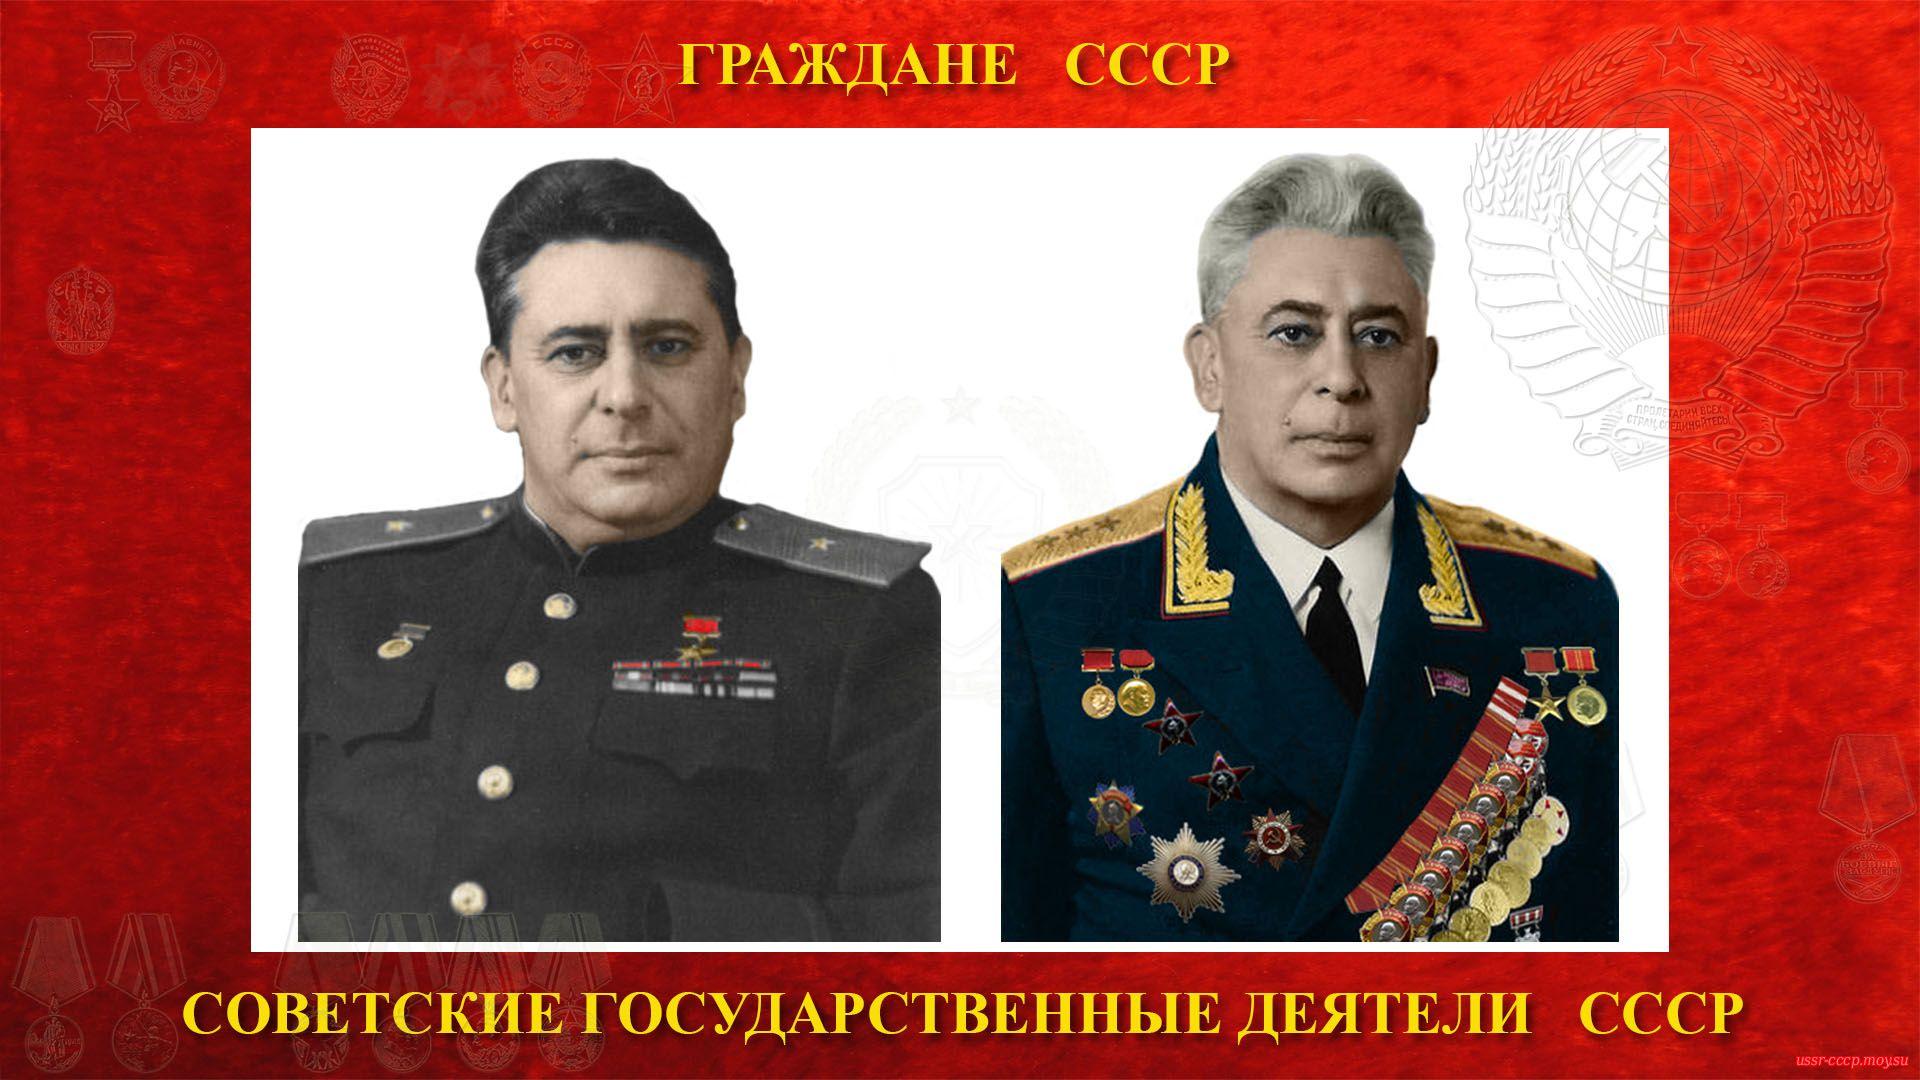 Комаровский Александр Николаевич — Советский государственный и военный деятель (20.05.1906 — 19.11.1973)